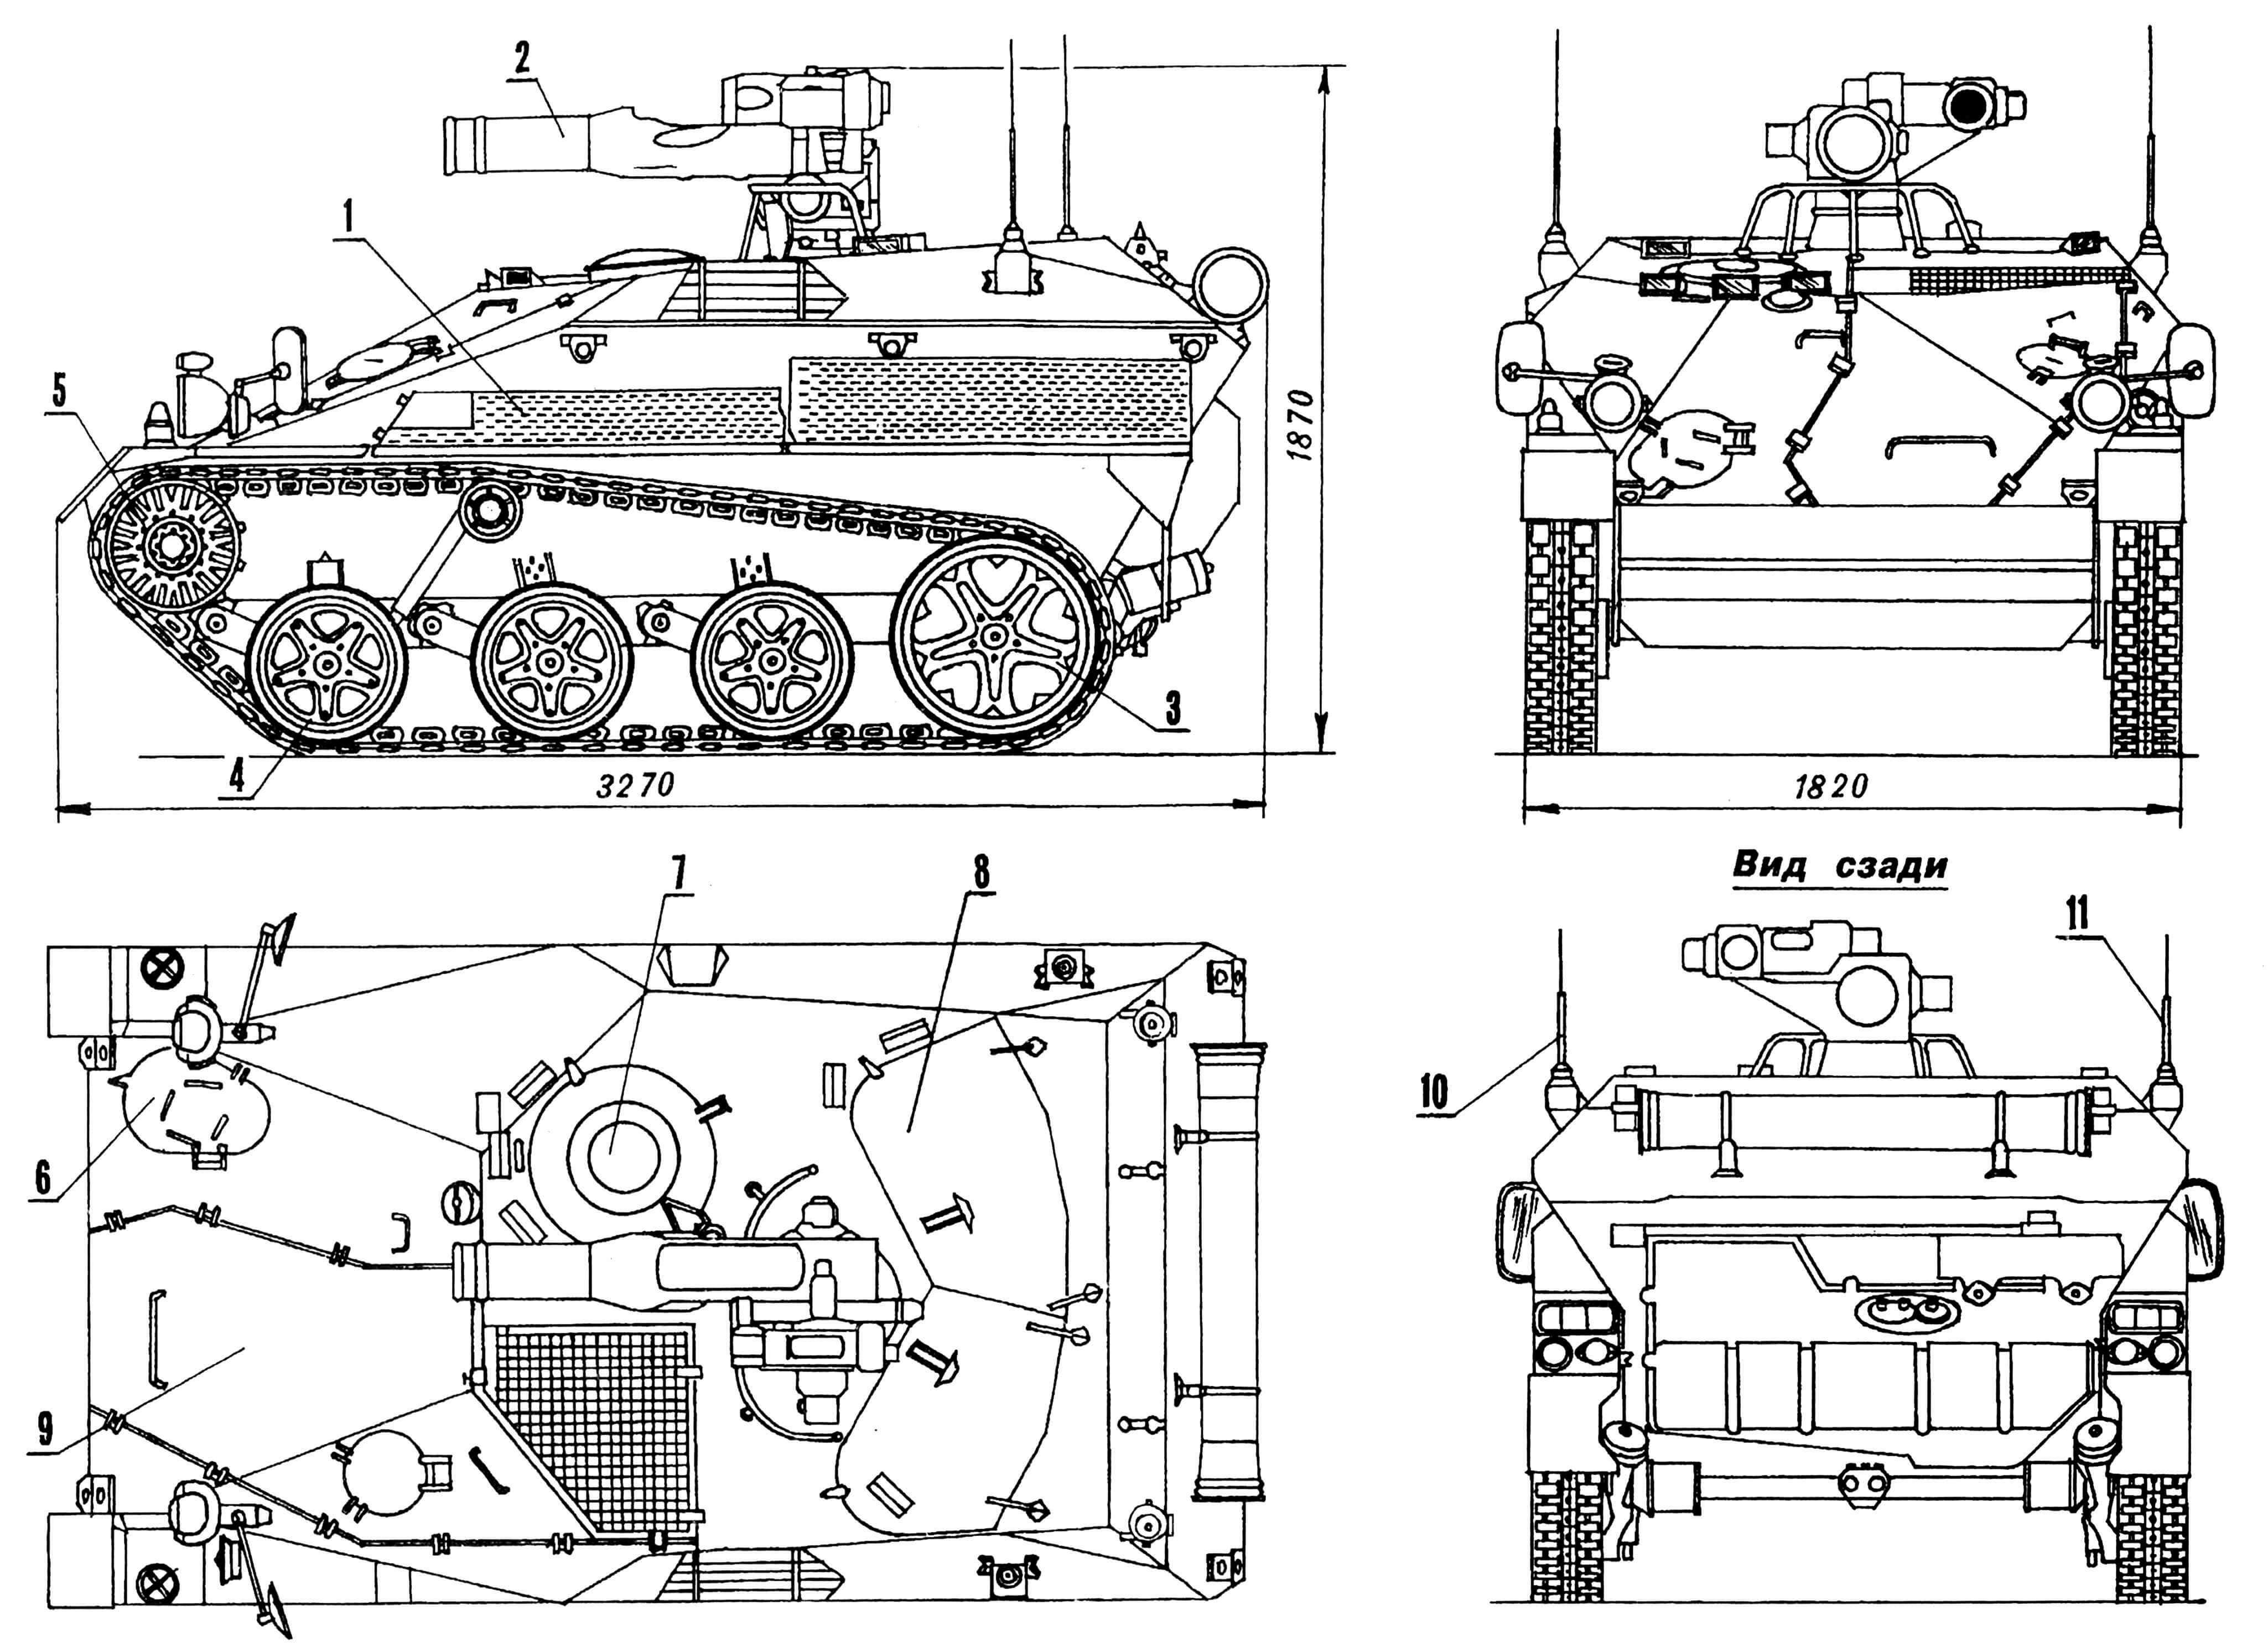 Боевая десантная машина Wiesel TOW A1: 1 — сетка выхлопной трубы, защитная; 2 — ПТРК TOW; 3 — ленивец; 4 — каток опорный; 5 — колесо ведущее; 6 — люк доступа к трансмиссии; 7 — люк механика-водителя; 8 — двухстворчатый люк расчета ПТРК; 9 — люк доступа к двигателю; 10,11 — антенны.